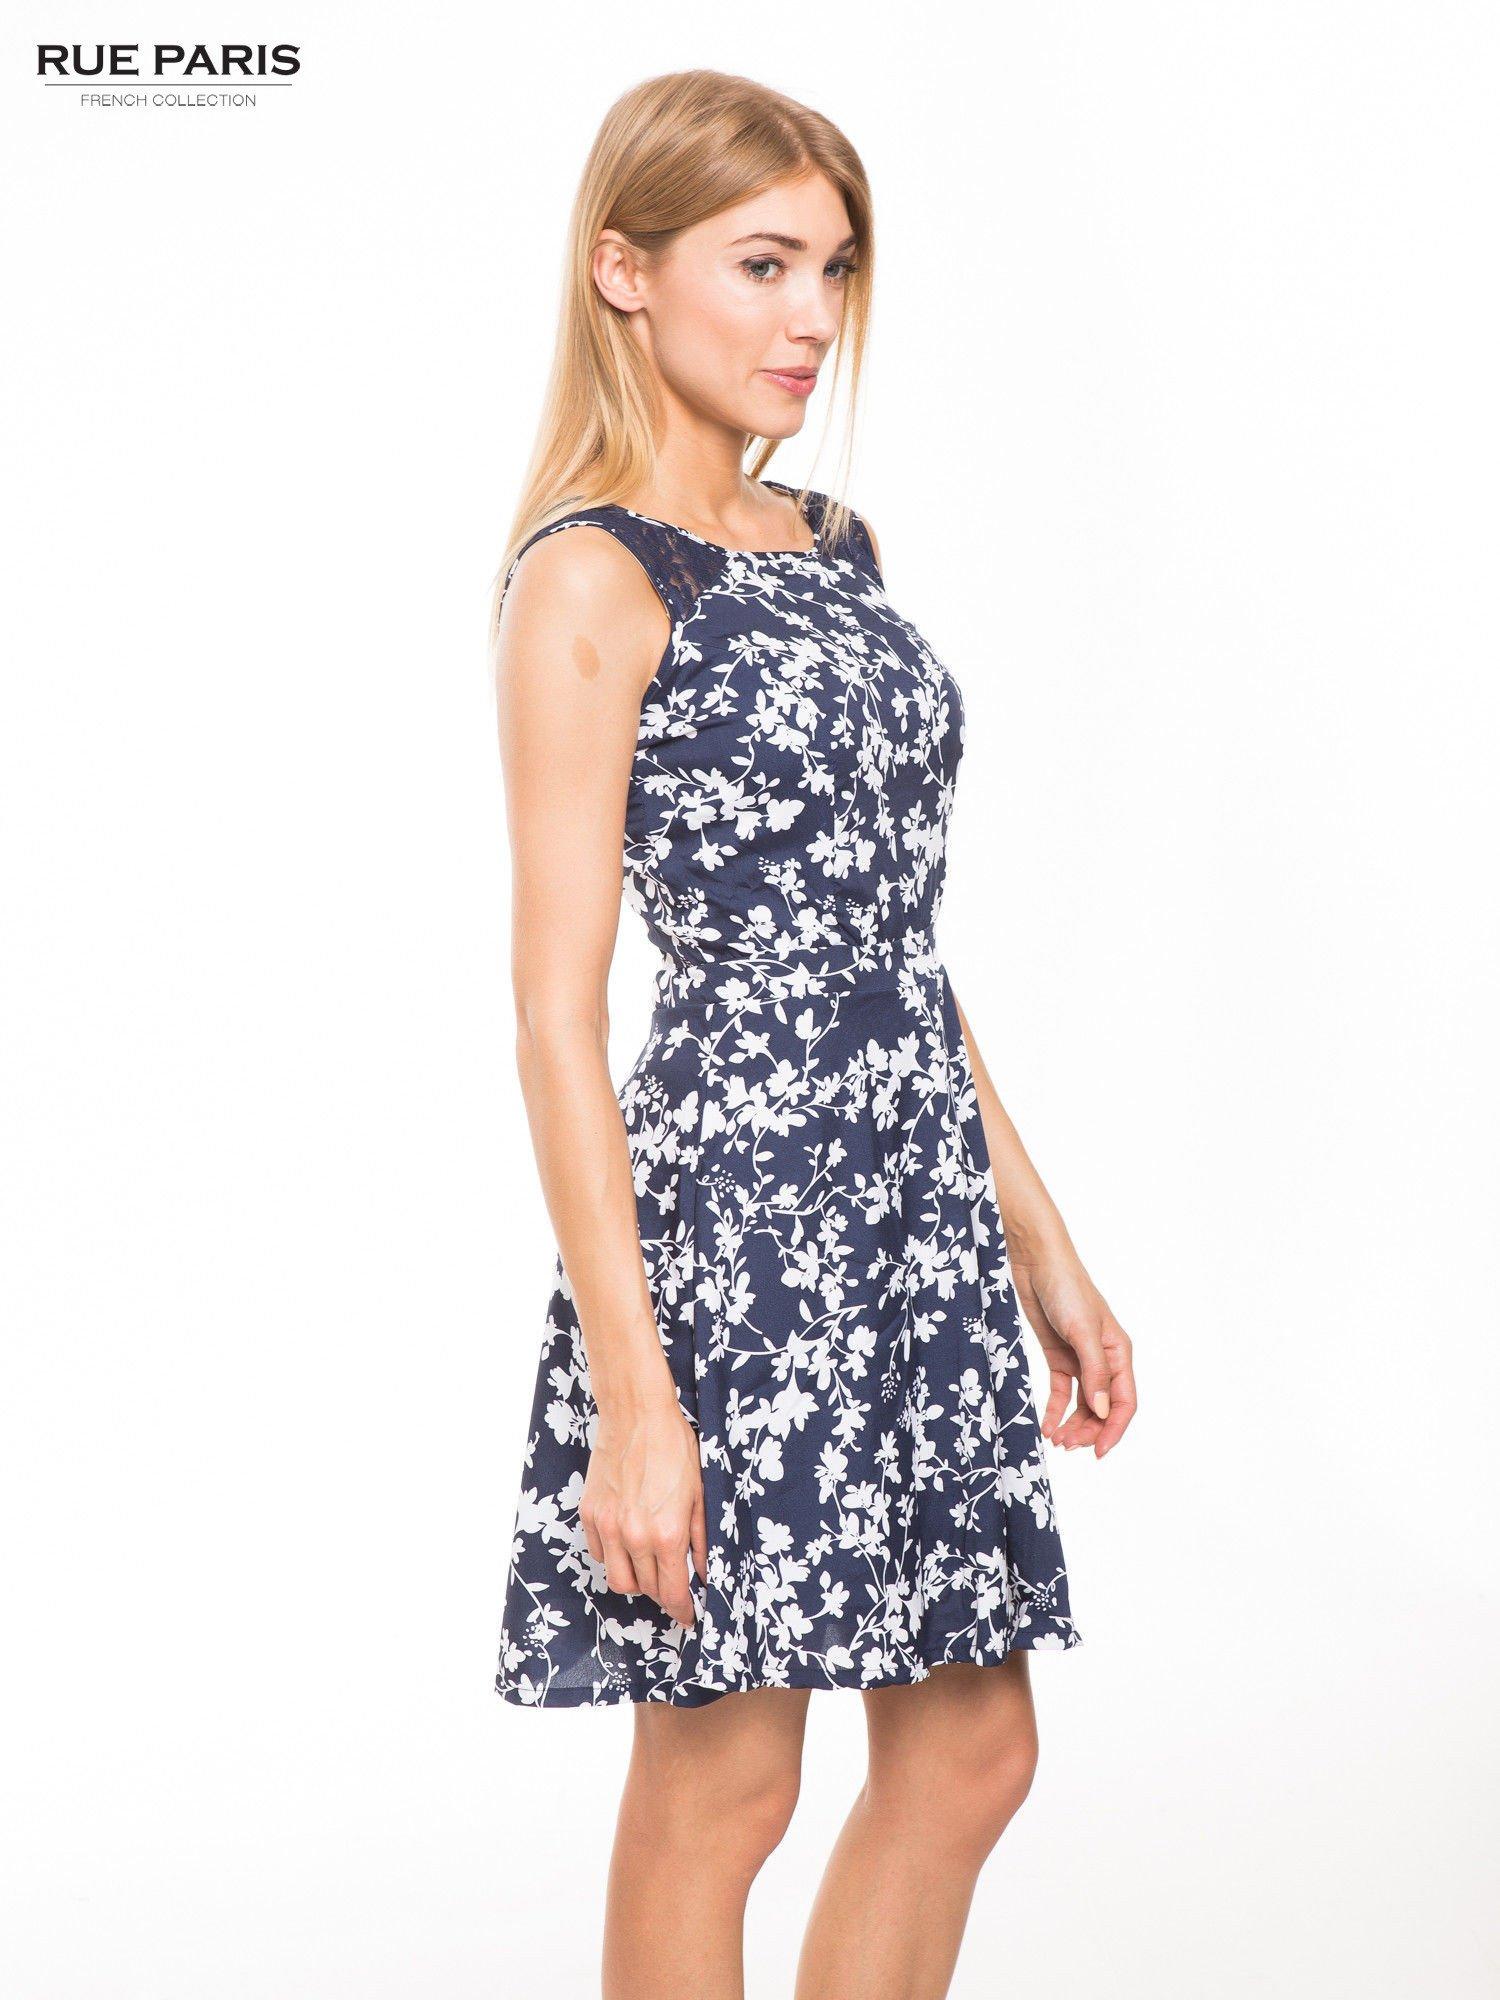 9d6bc8b693 1 · Granatowa sukienka w białe kwiaty z koronkową wstawką na górze ...